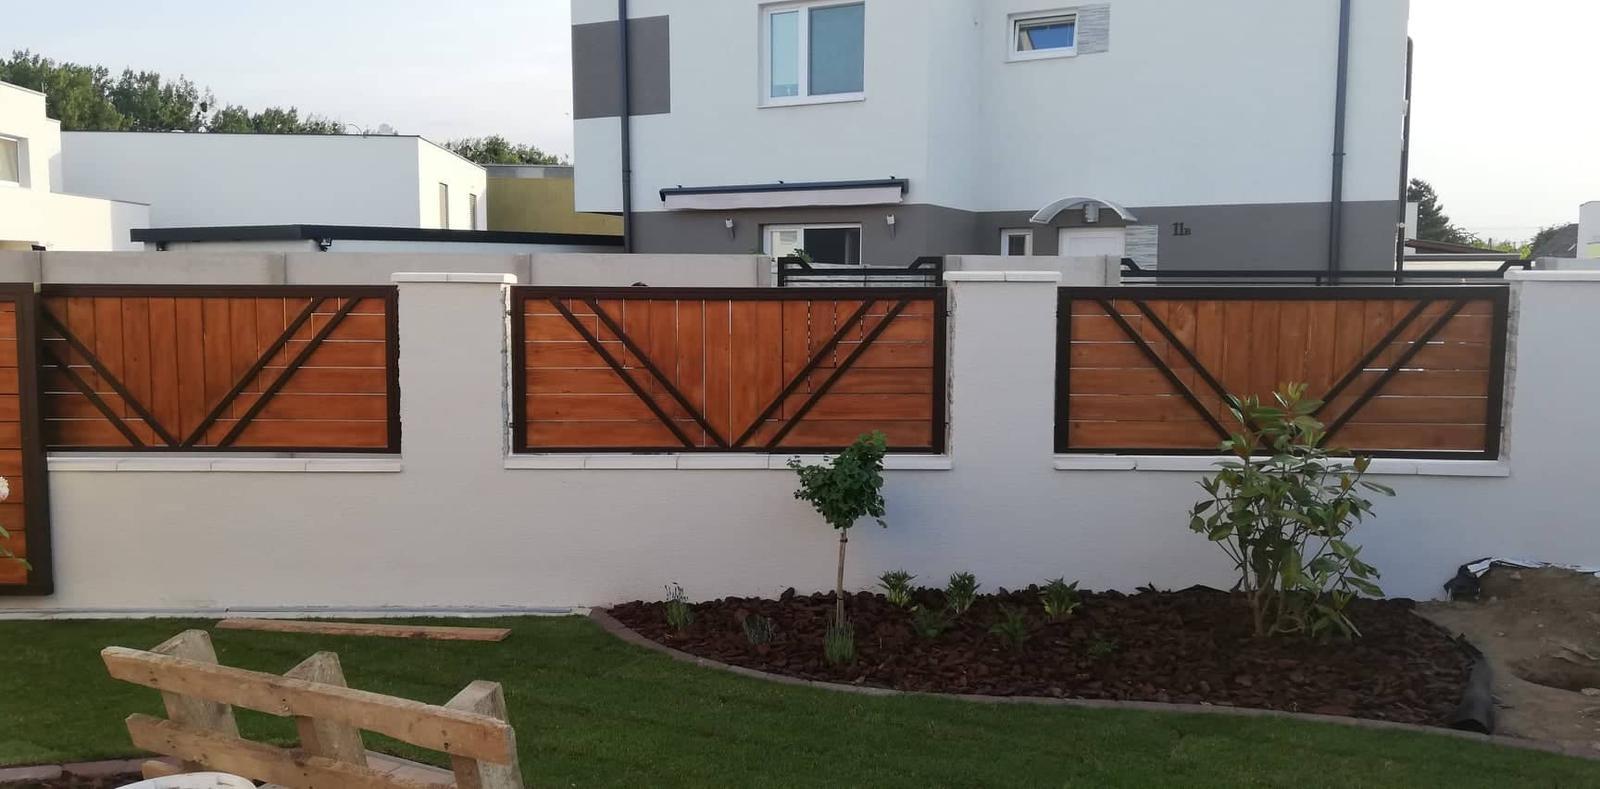 Posuvná brána + plotové výplne. Materiál smrek tzv parketový vzor - Obrázok č. 6